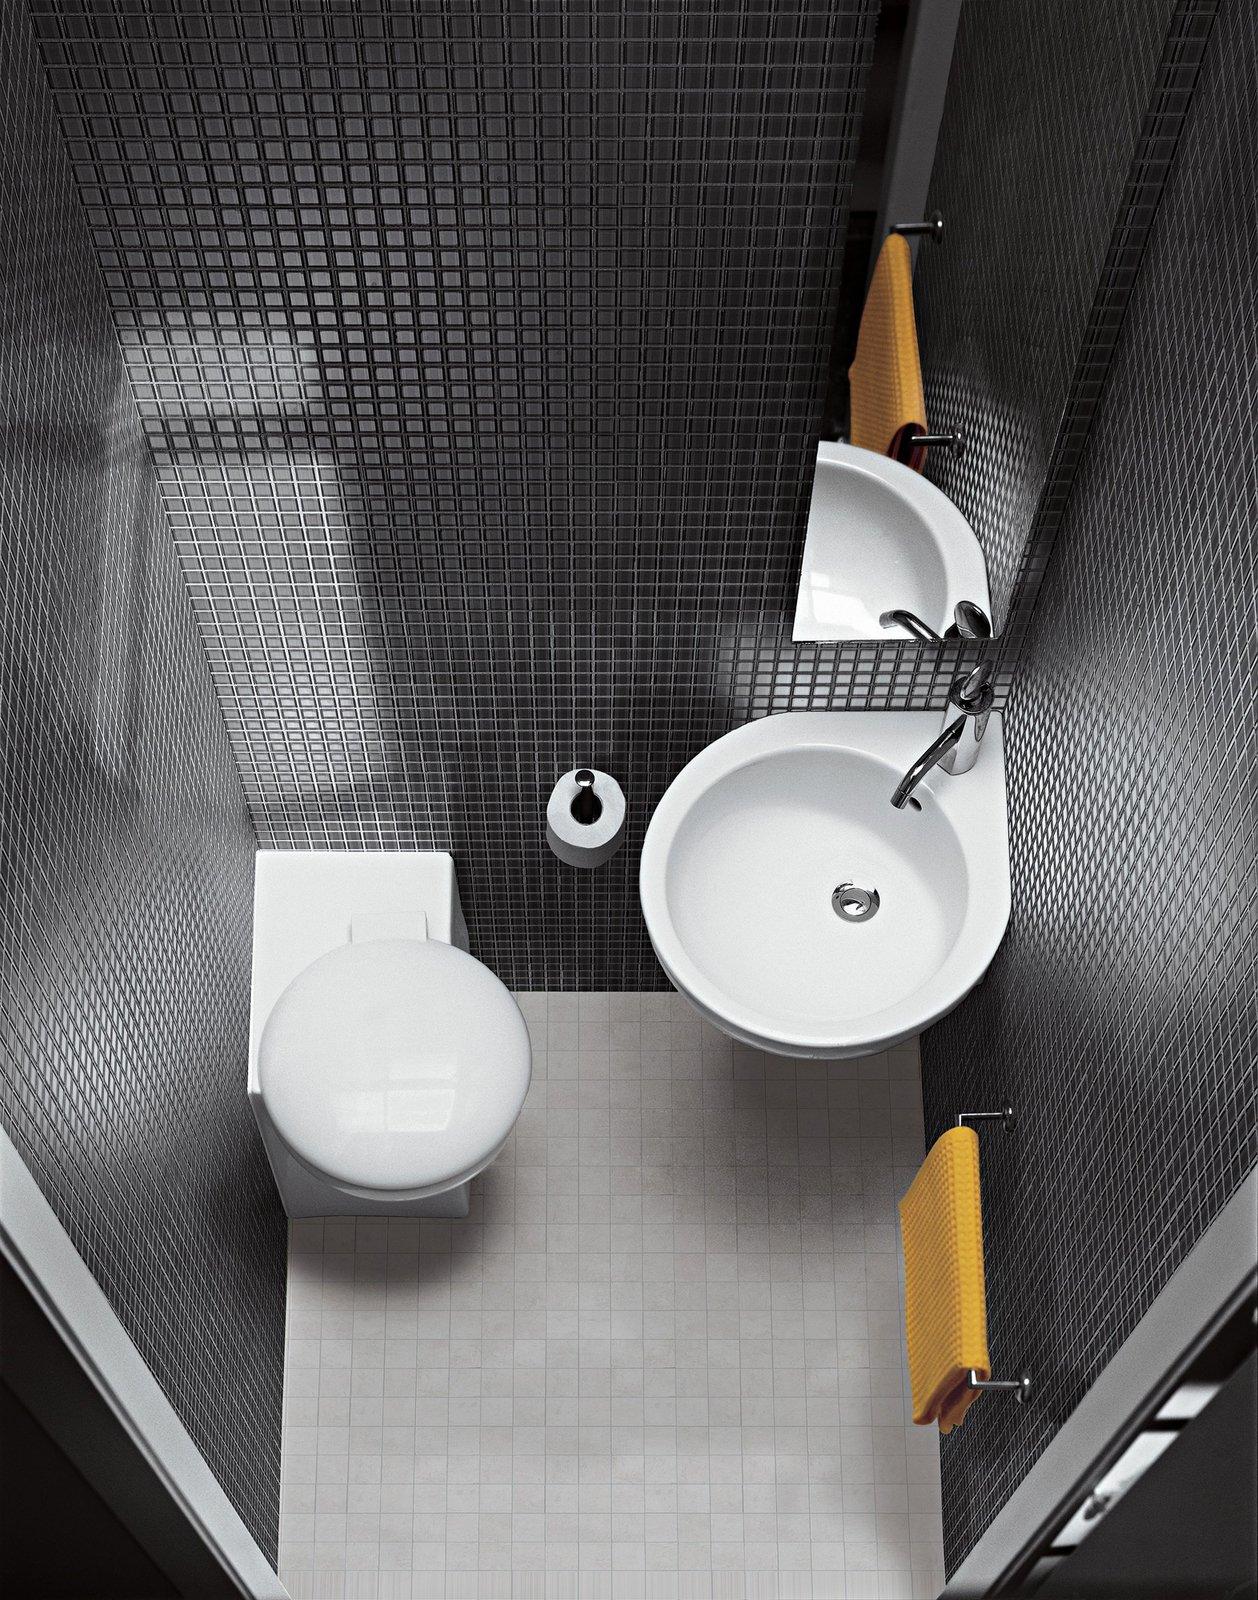 Baño Pequeno Reforma:Soluzioni per il bagno piccolo – Cose di Casa